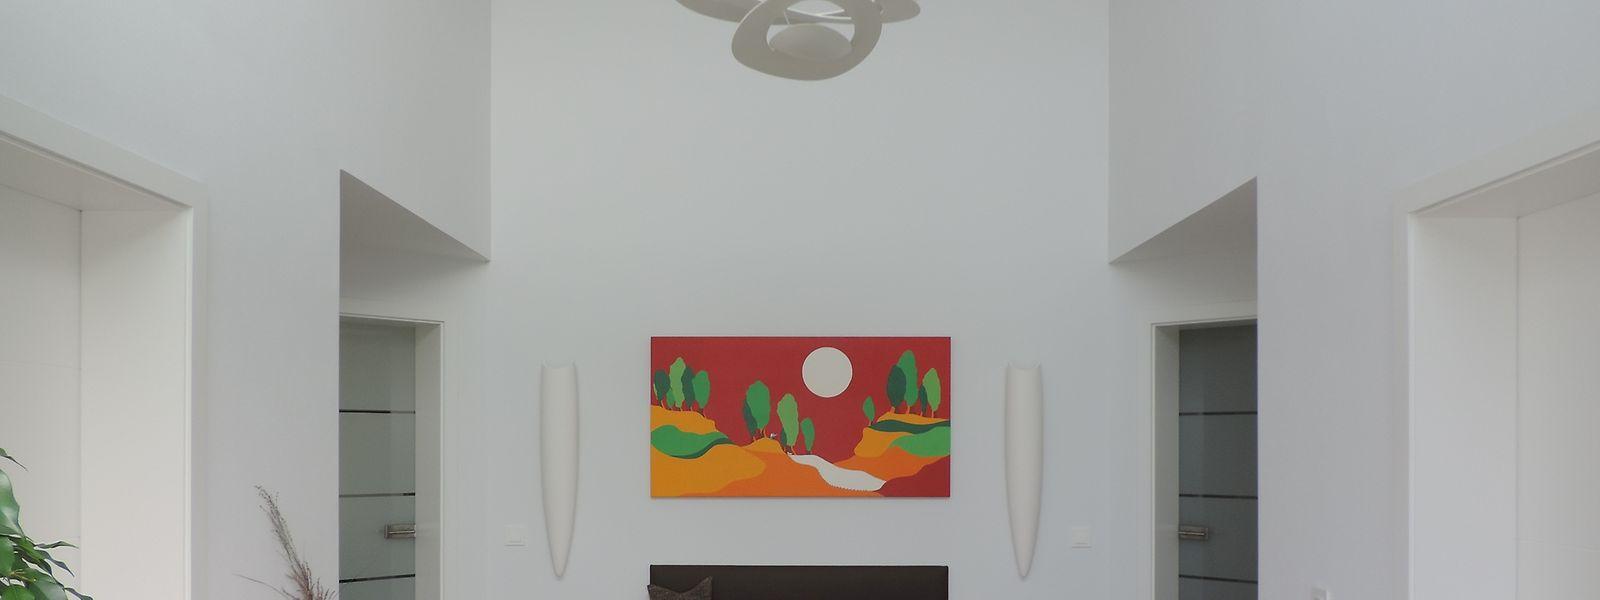 Referenzobjekt: Feng-Shui-Gestaltung von Ulrike Moutty